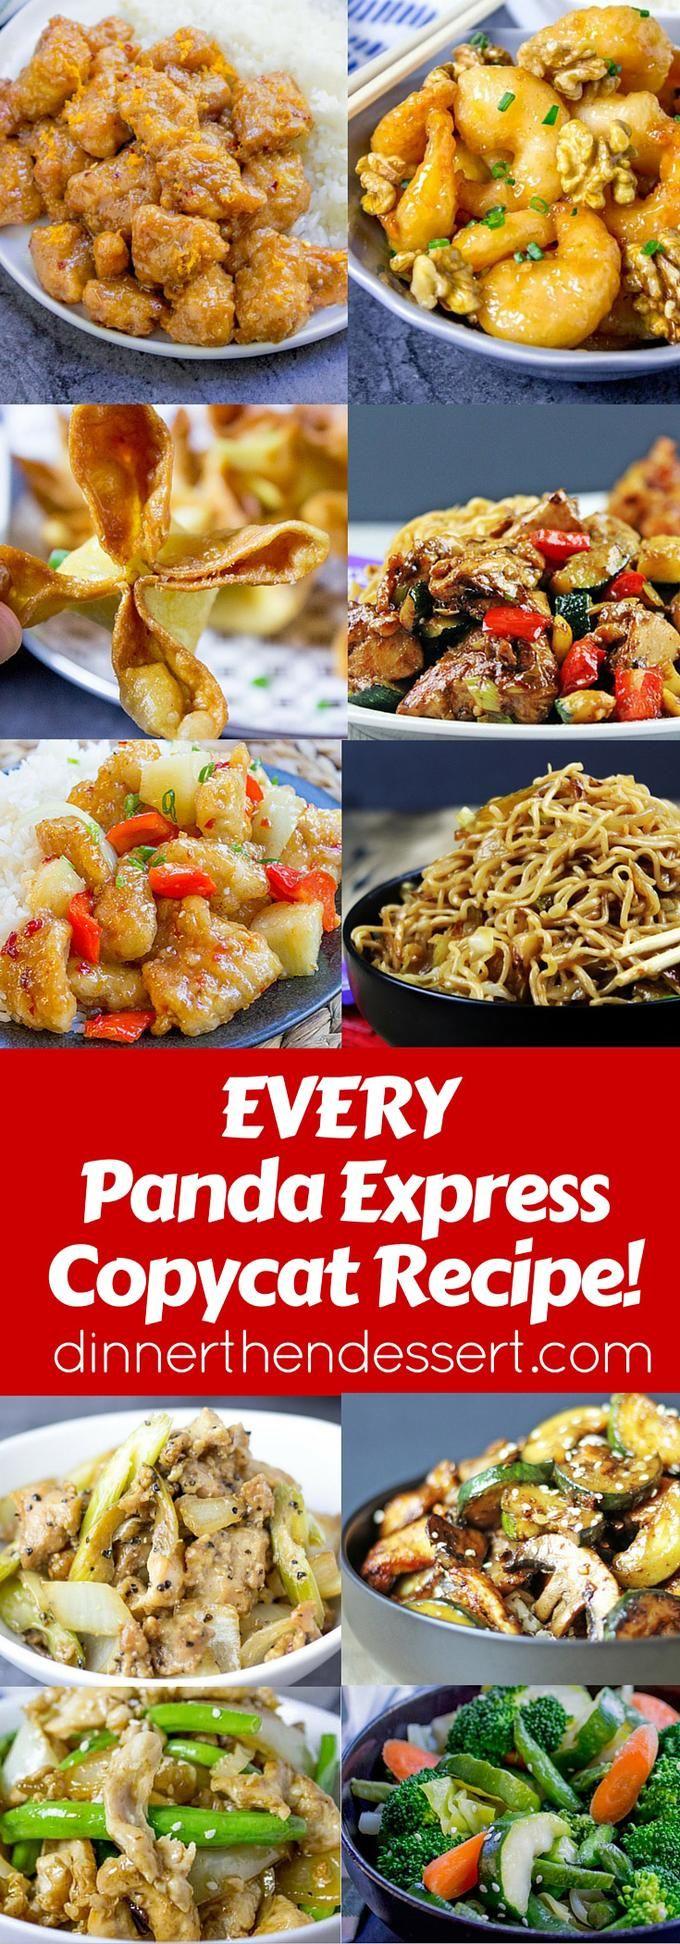 Panda Express Recipes Index (Copycat Appetizer recipes